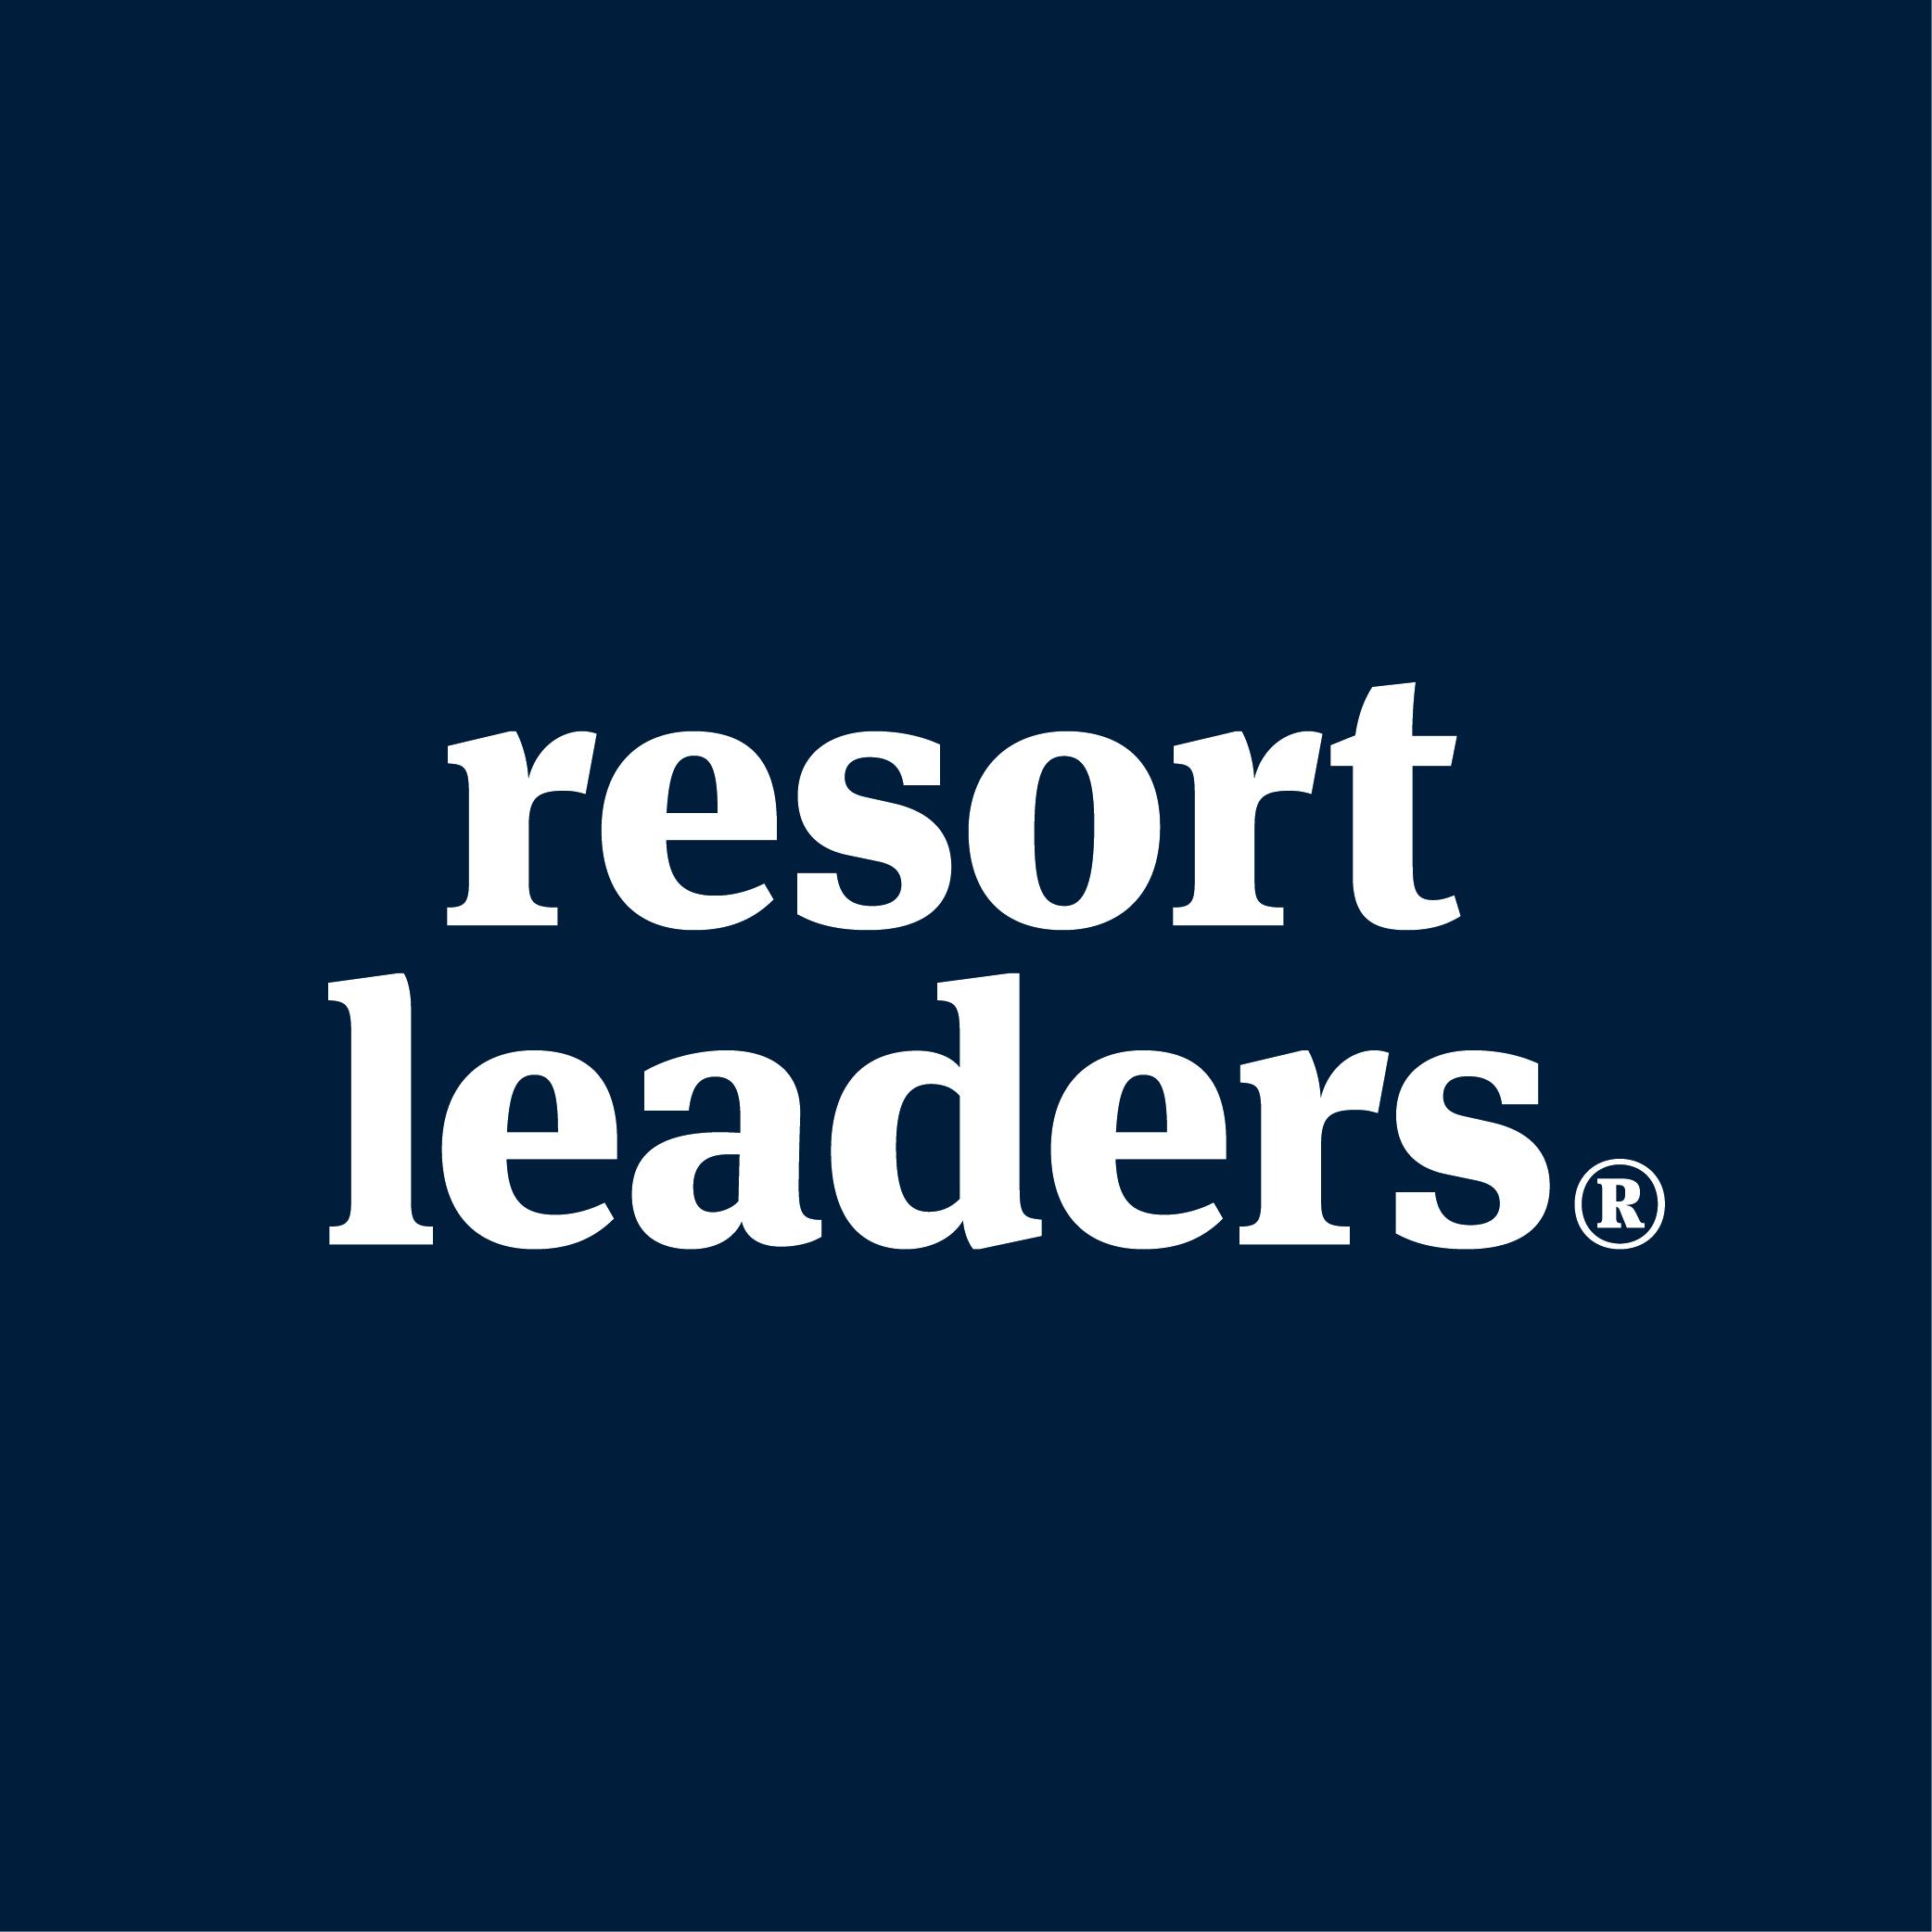 Resort Leaders